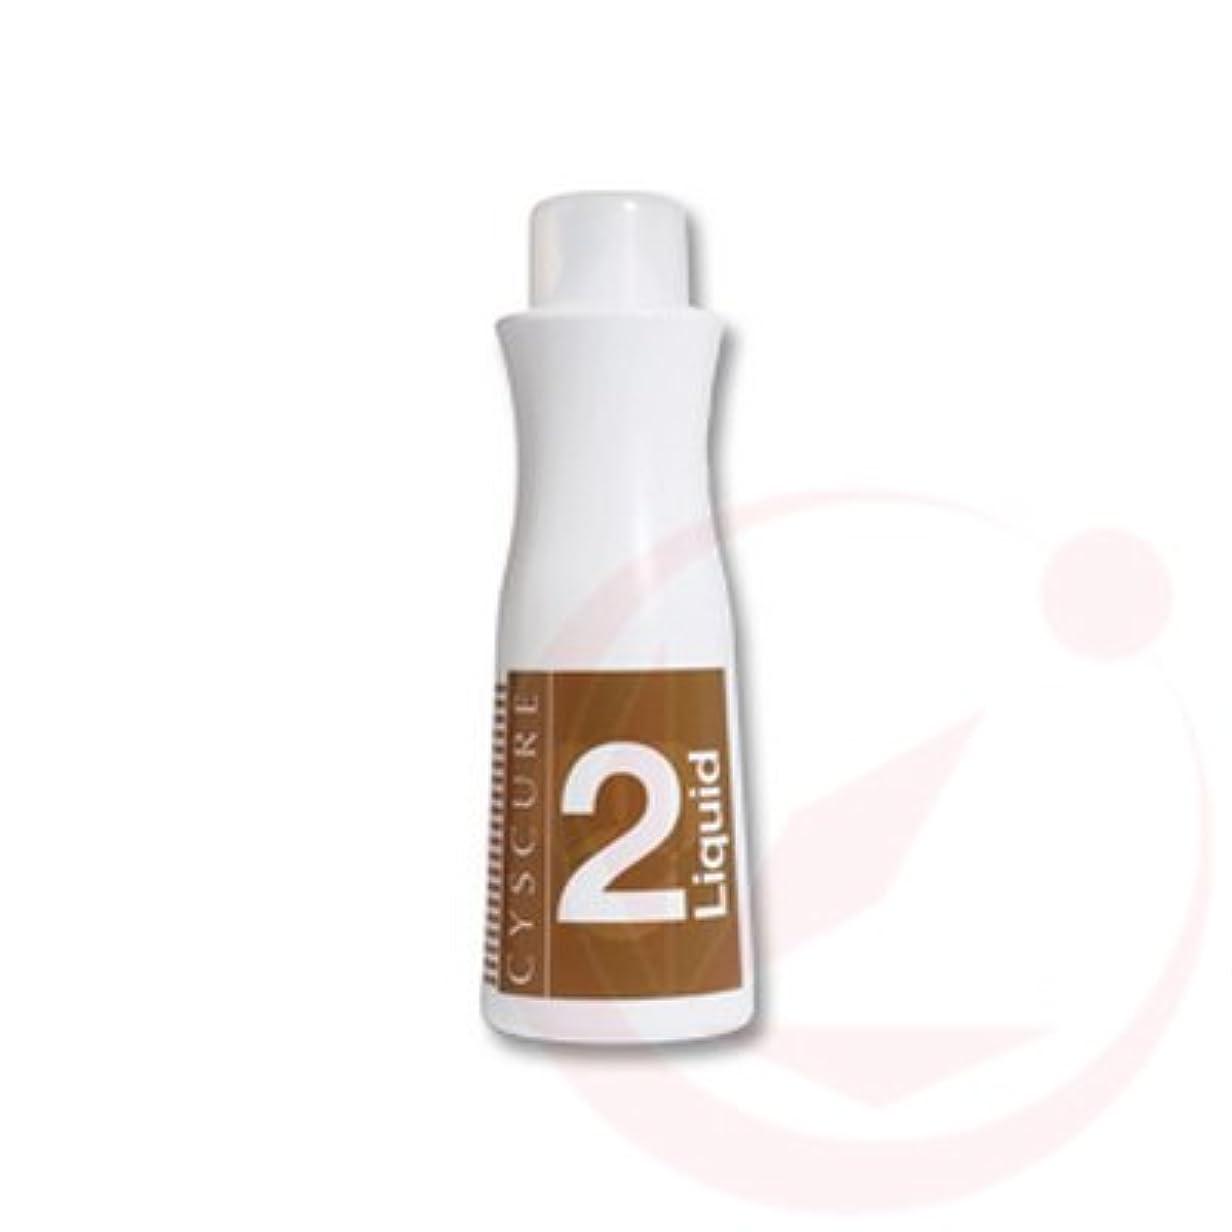 クラシック正確さ遺伝的タマリス シスキュア2リキッド 1000g (パーマ剤/2剤)